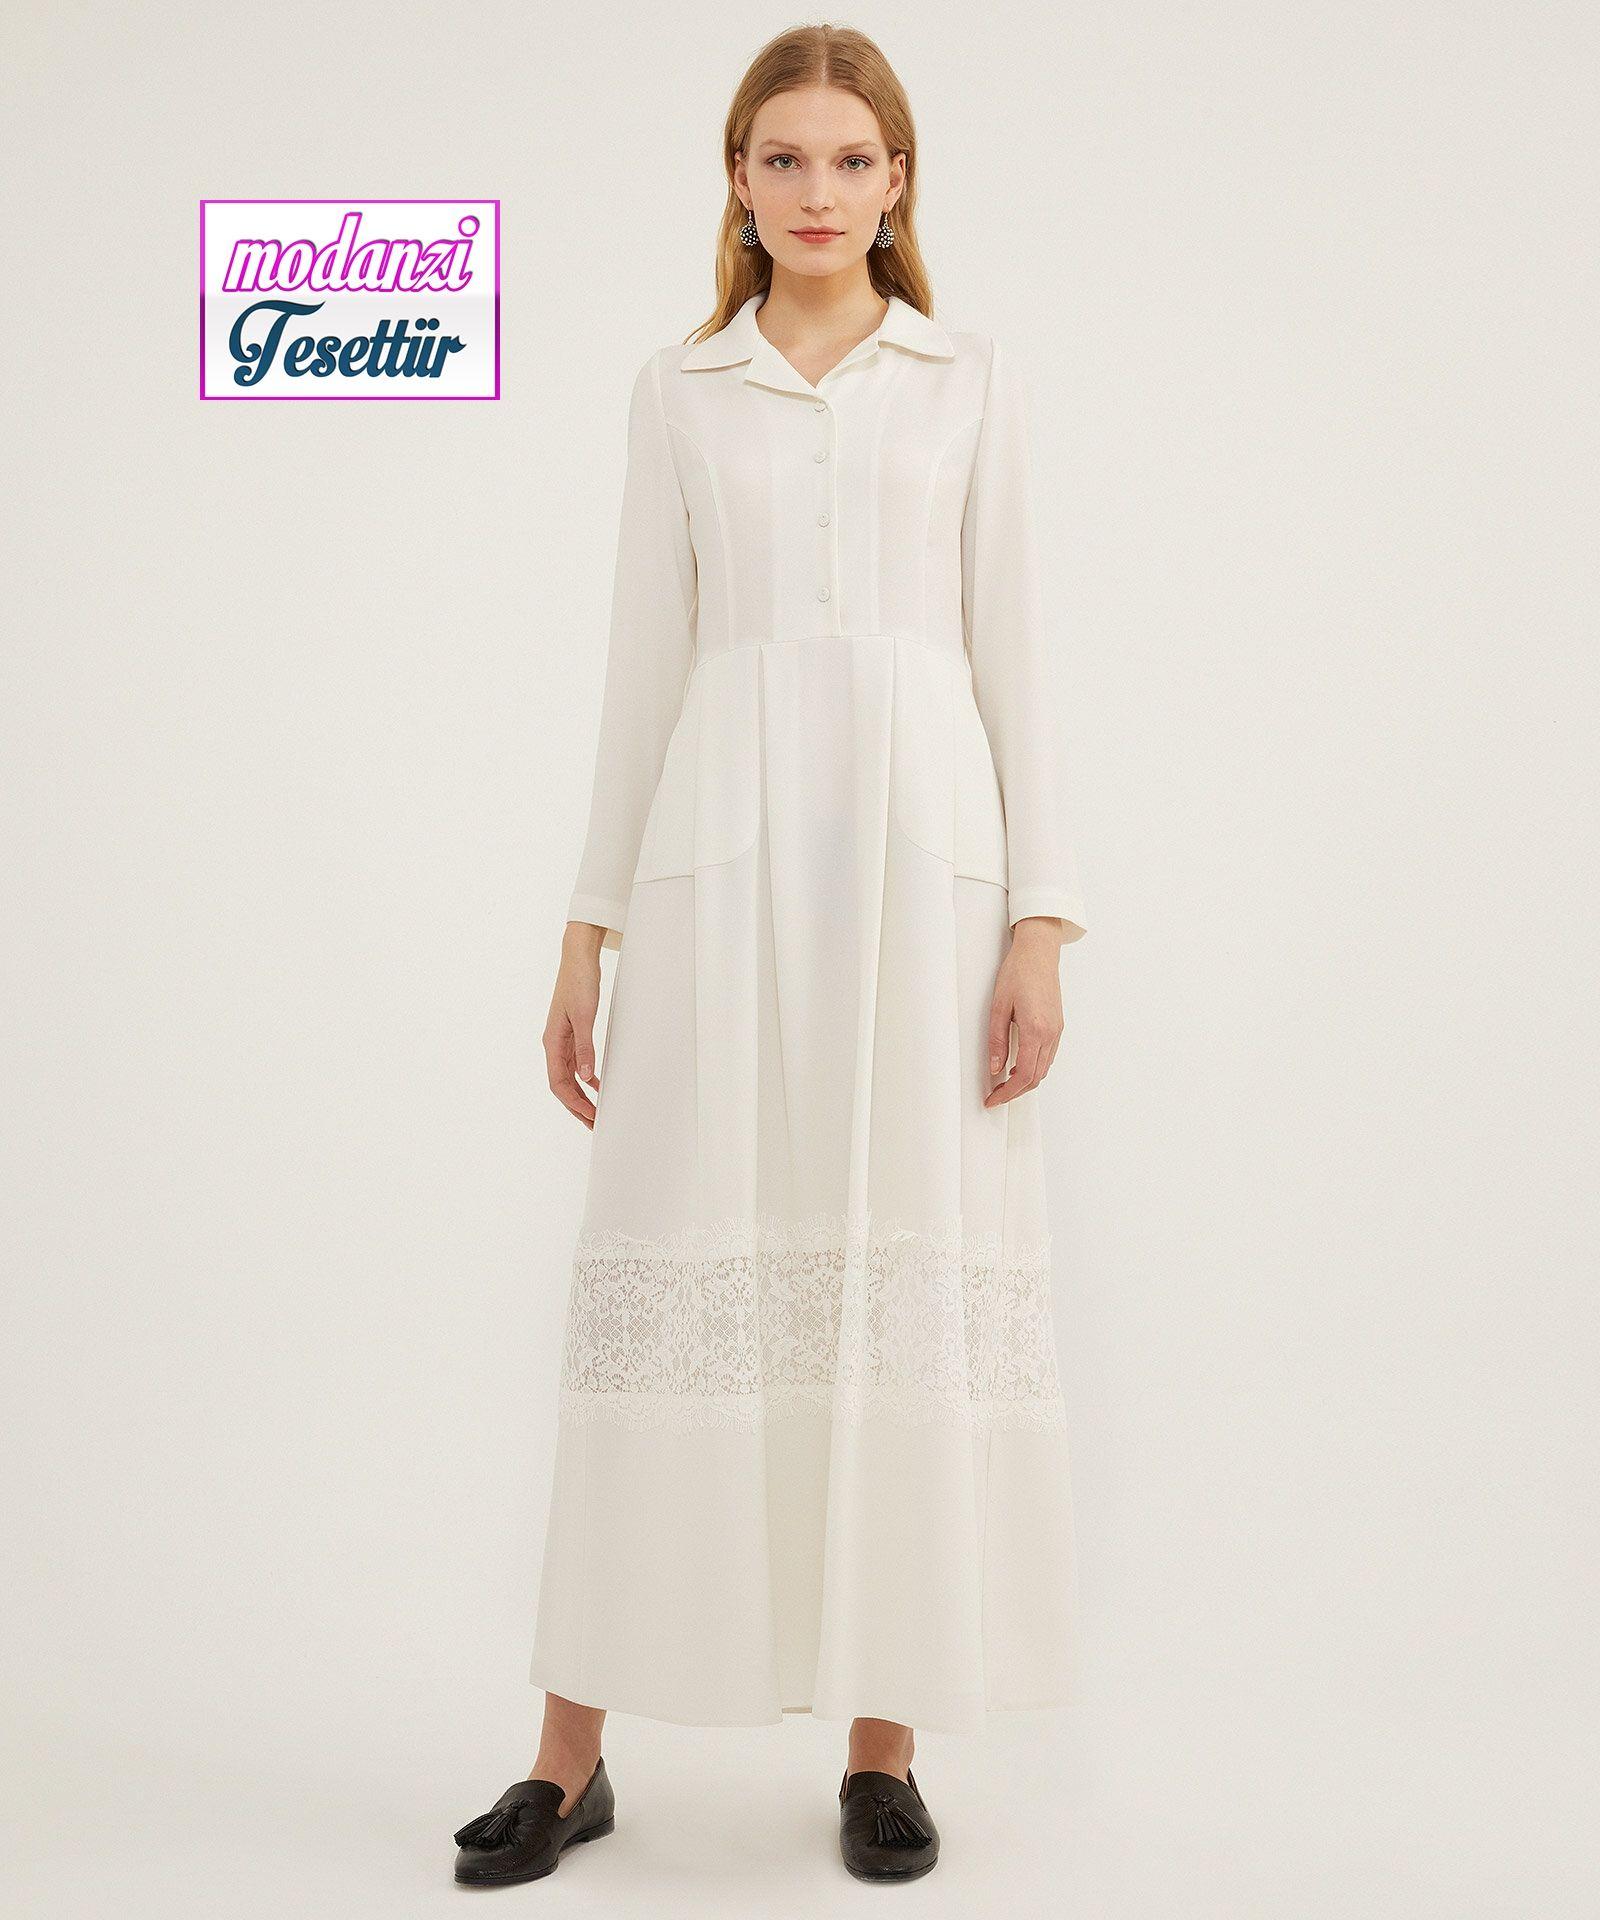 Aker Dantelli Ekru Elbise Aker Sonbahar Elbise Modelleri Ve Fiyatlari 2020 Elbise Giyim Elbise Modelleri